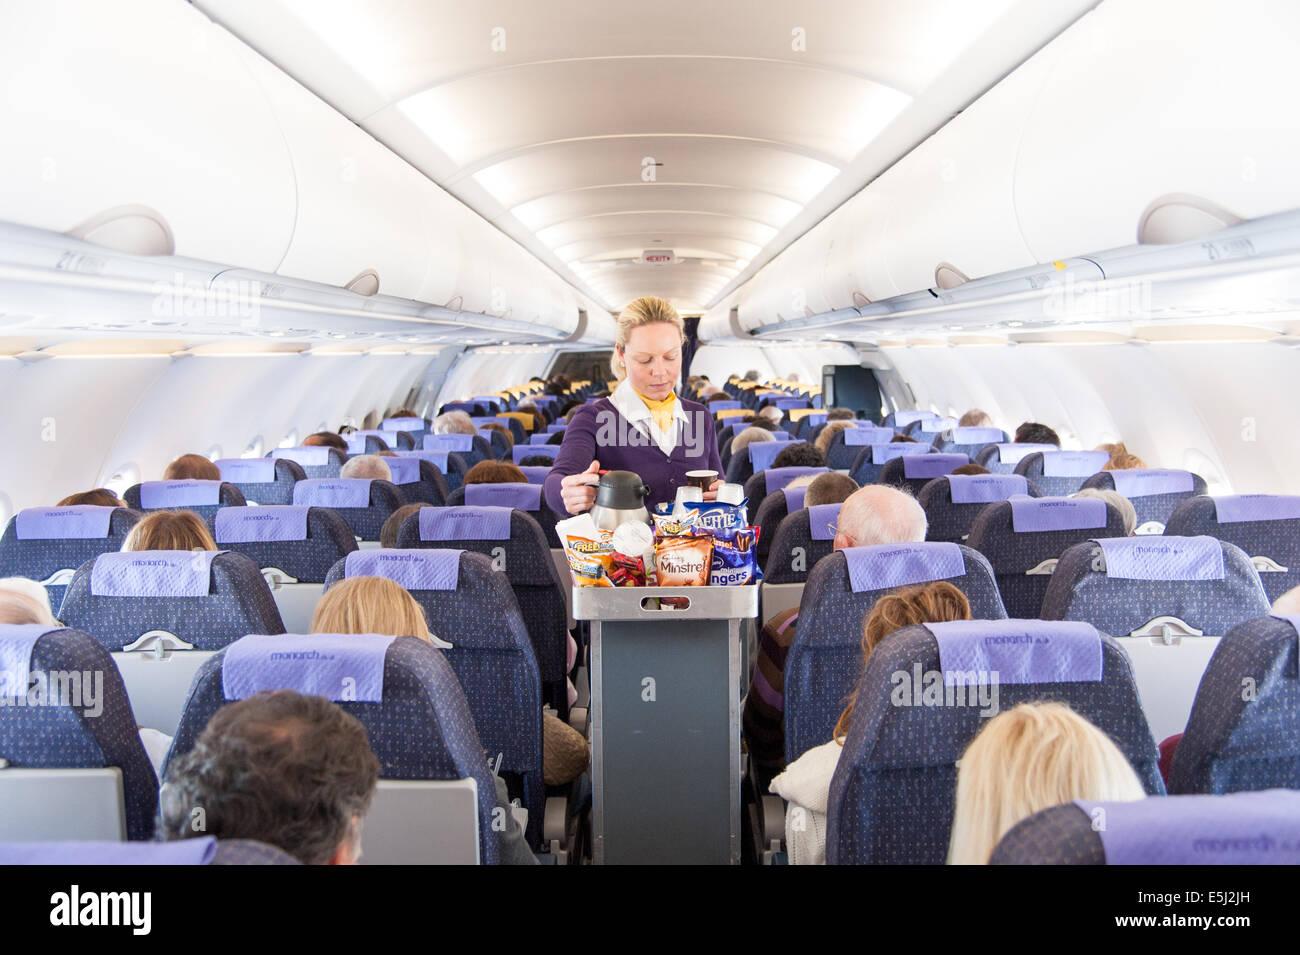 Monarch Airlines, con servizio di aria compressa, serve spuntini dal carrello delle bevande, Regno Unito Foto Stock